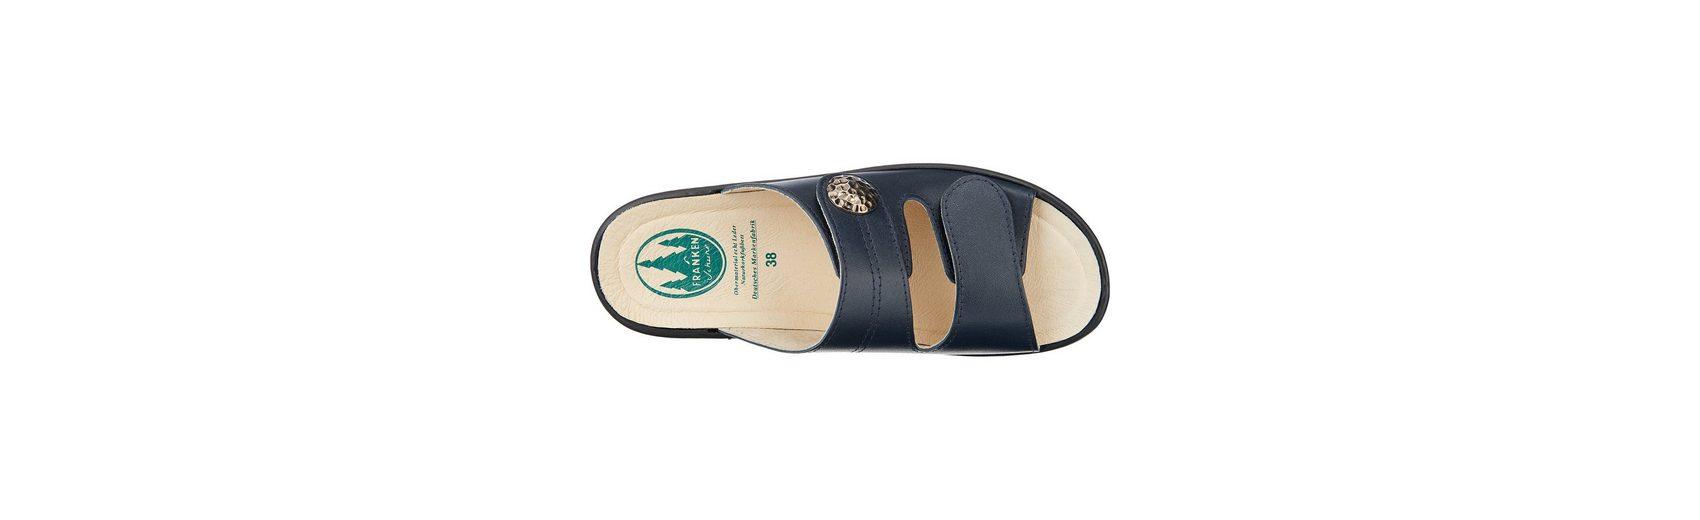 Franken-Schuhe Pantoletten weit Billige Bilder Niedriger Preis Online UZFCdivJ